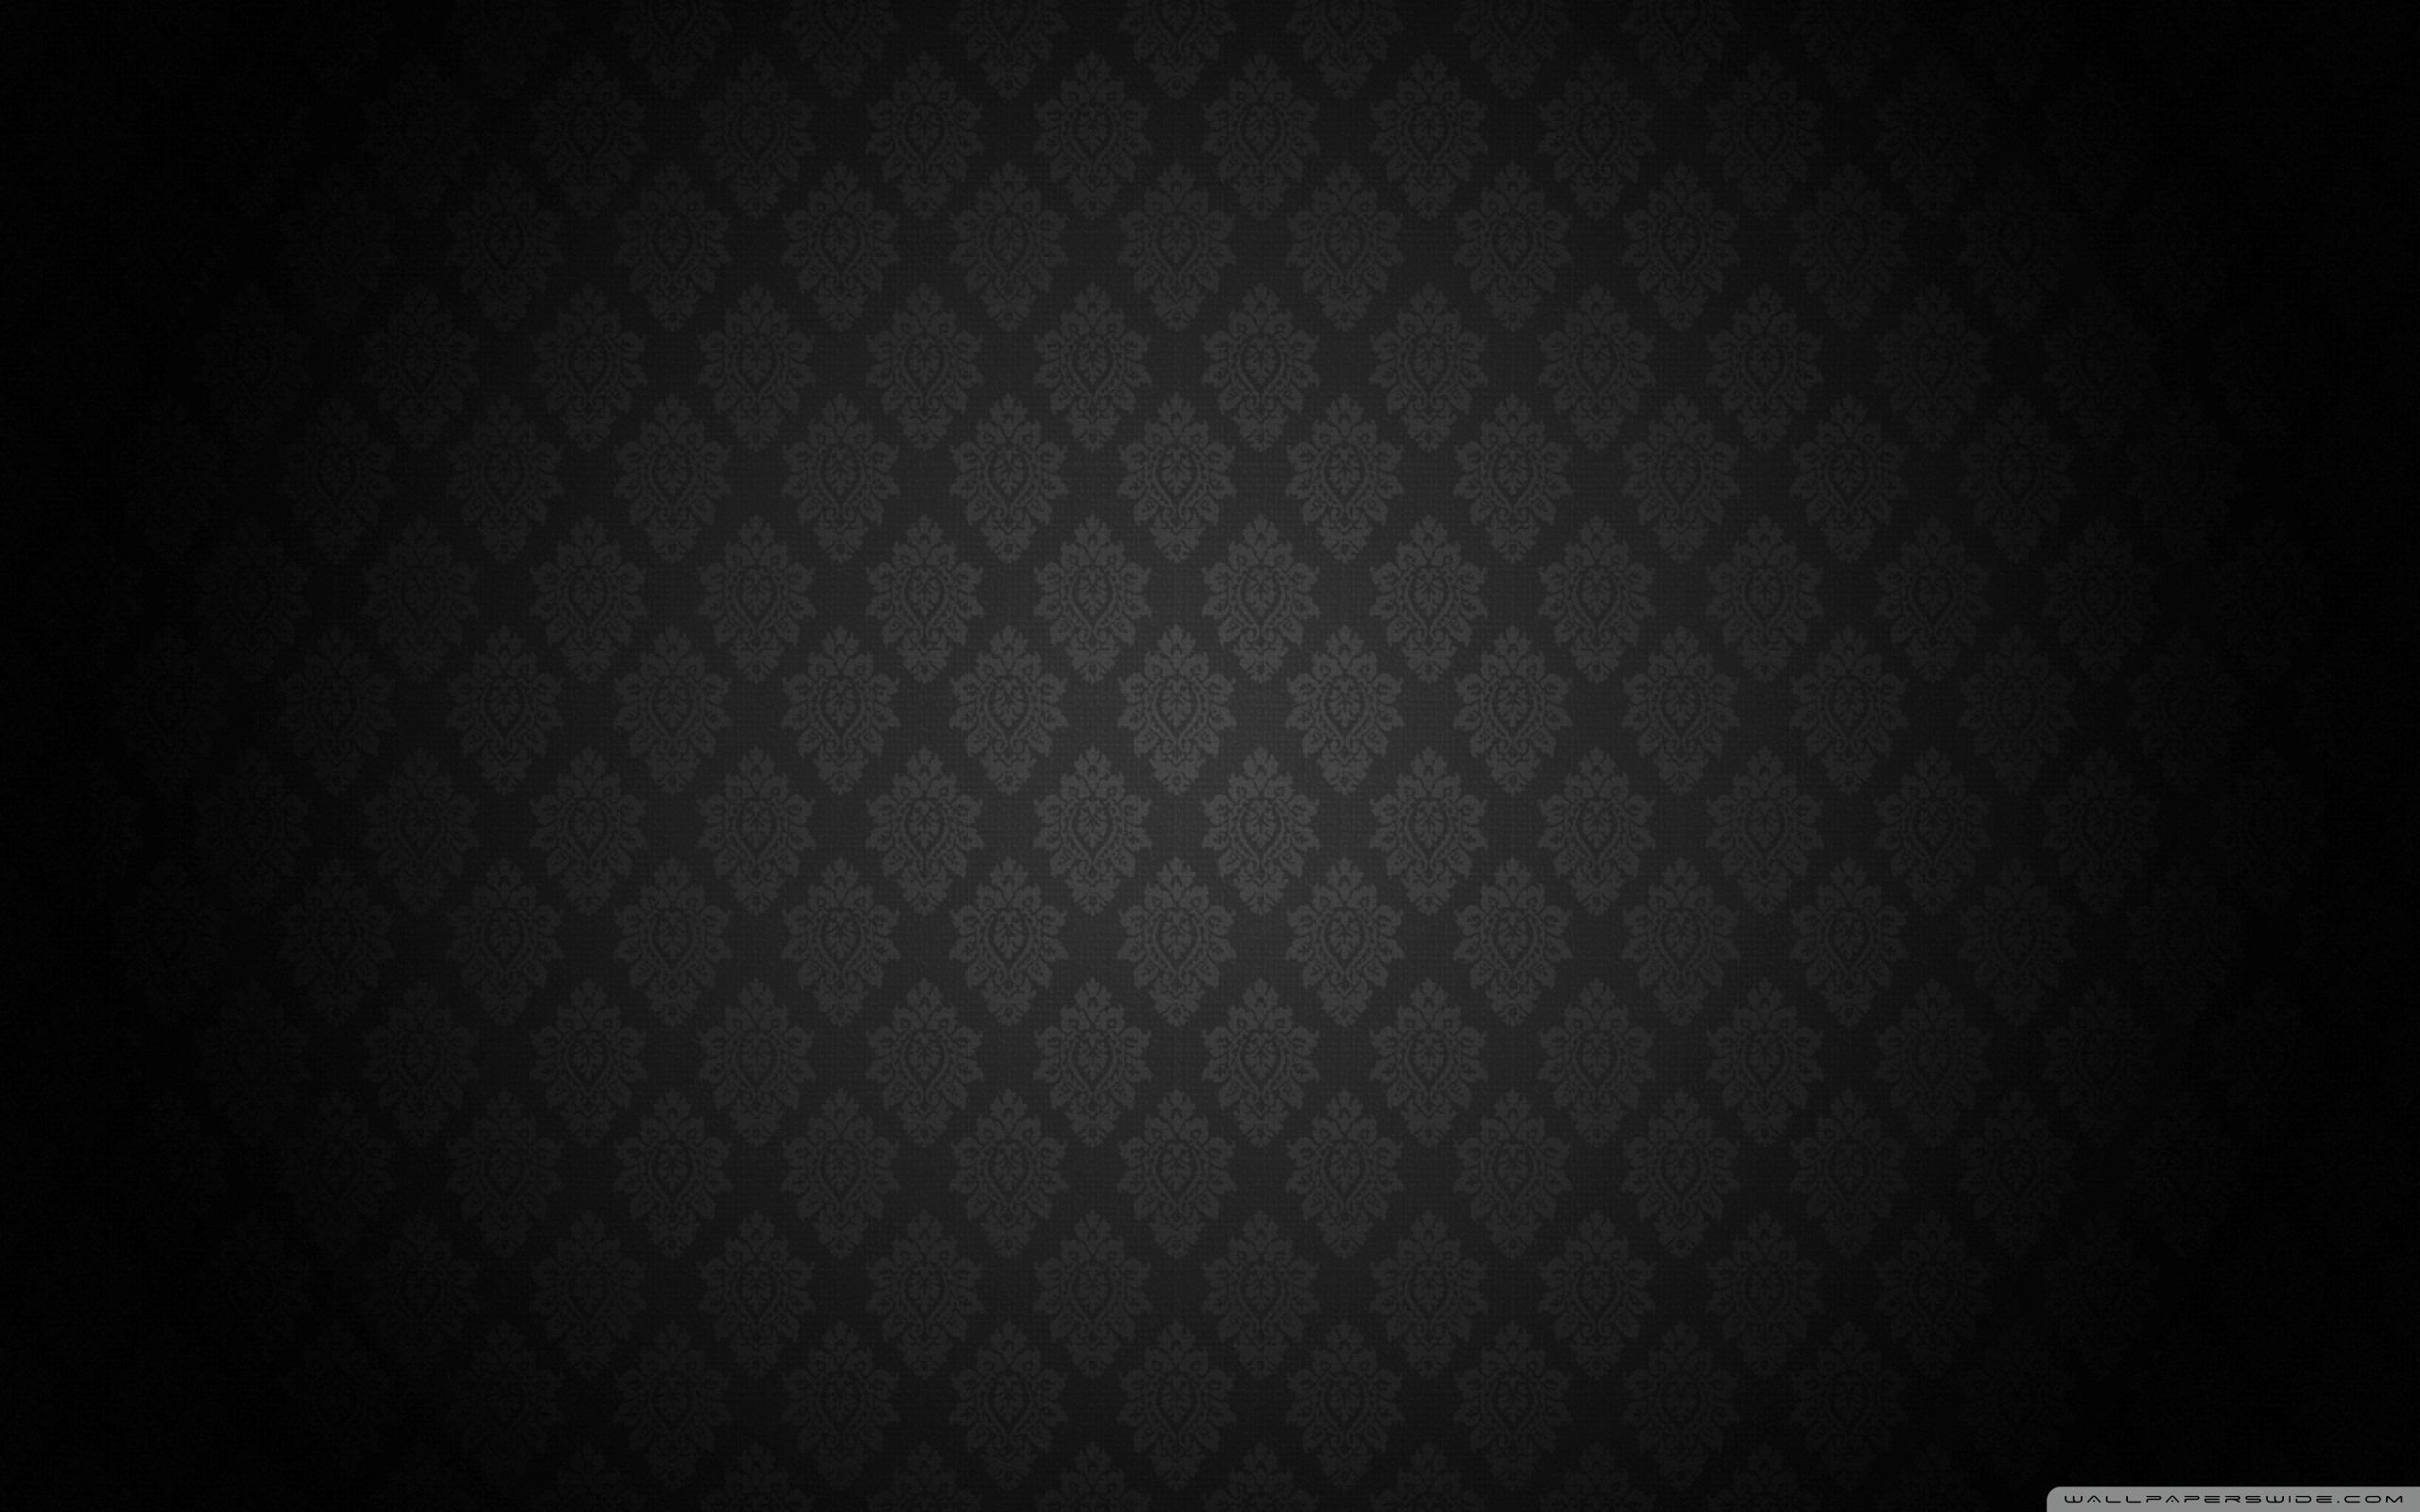 Papel De Parede Preto Alta Resolução Baixar: Mito Ou Verdade: Wallpaper Escuro Ajuda A Economizar